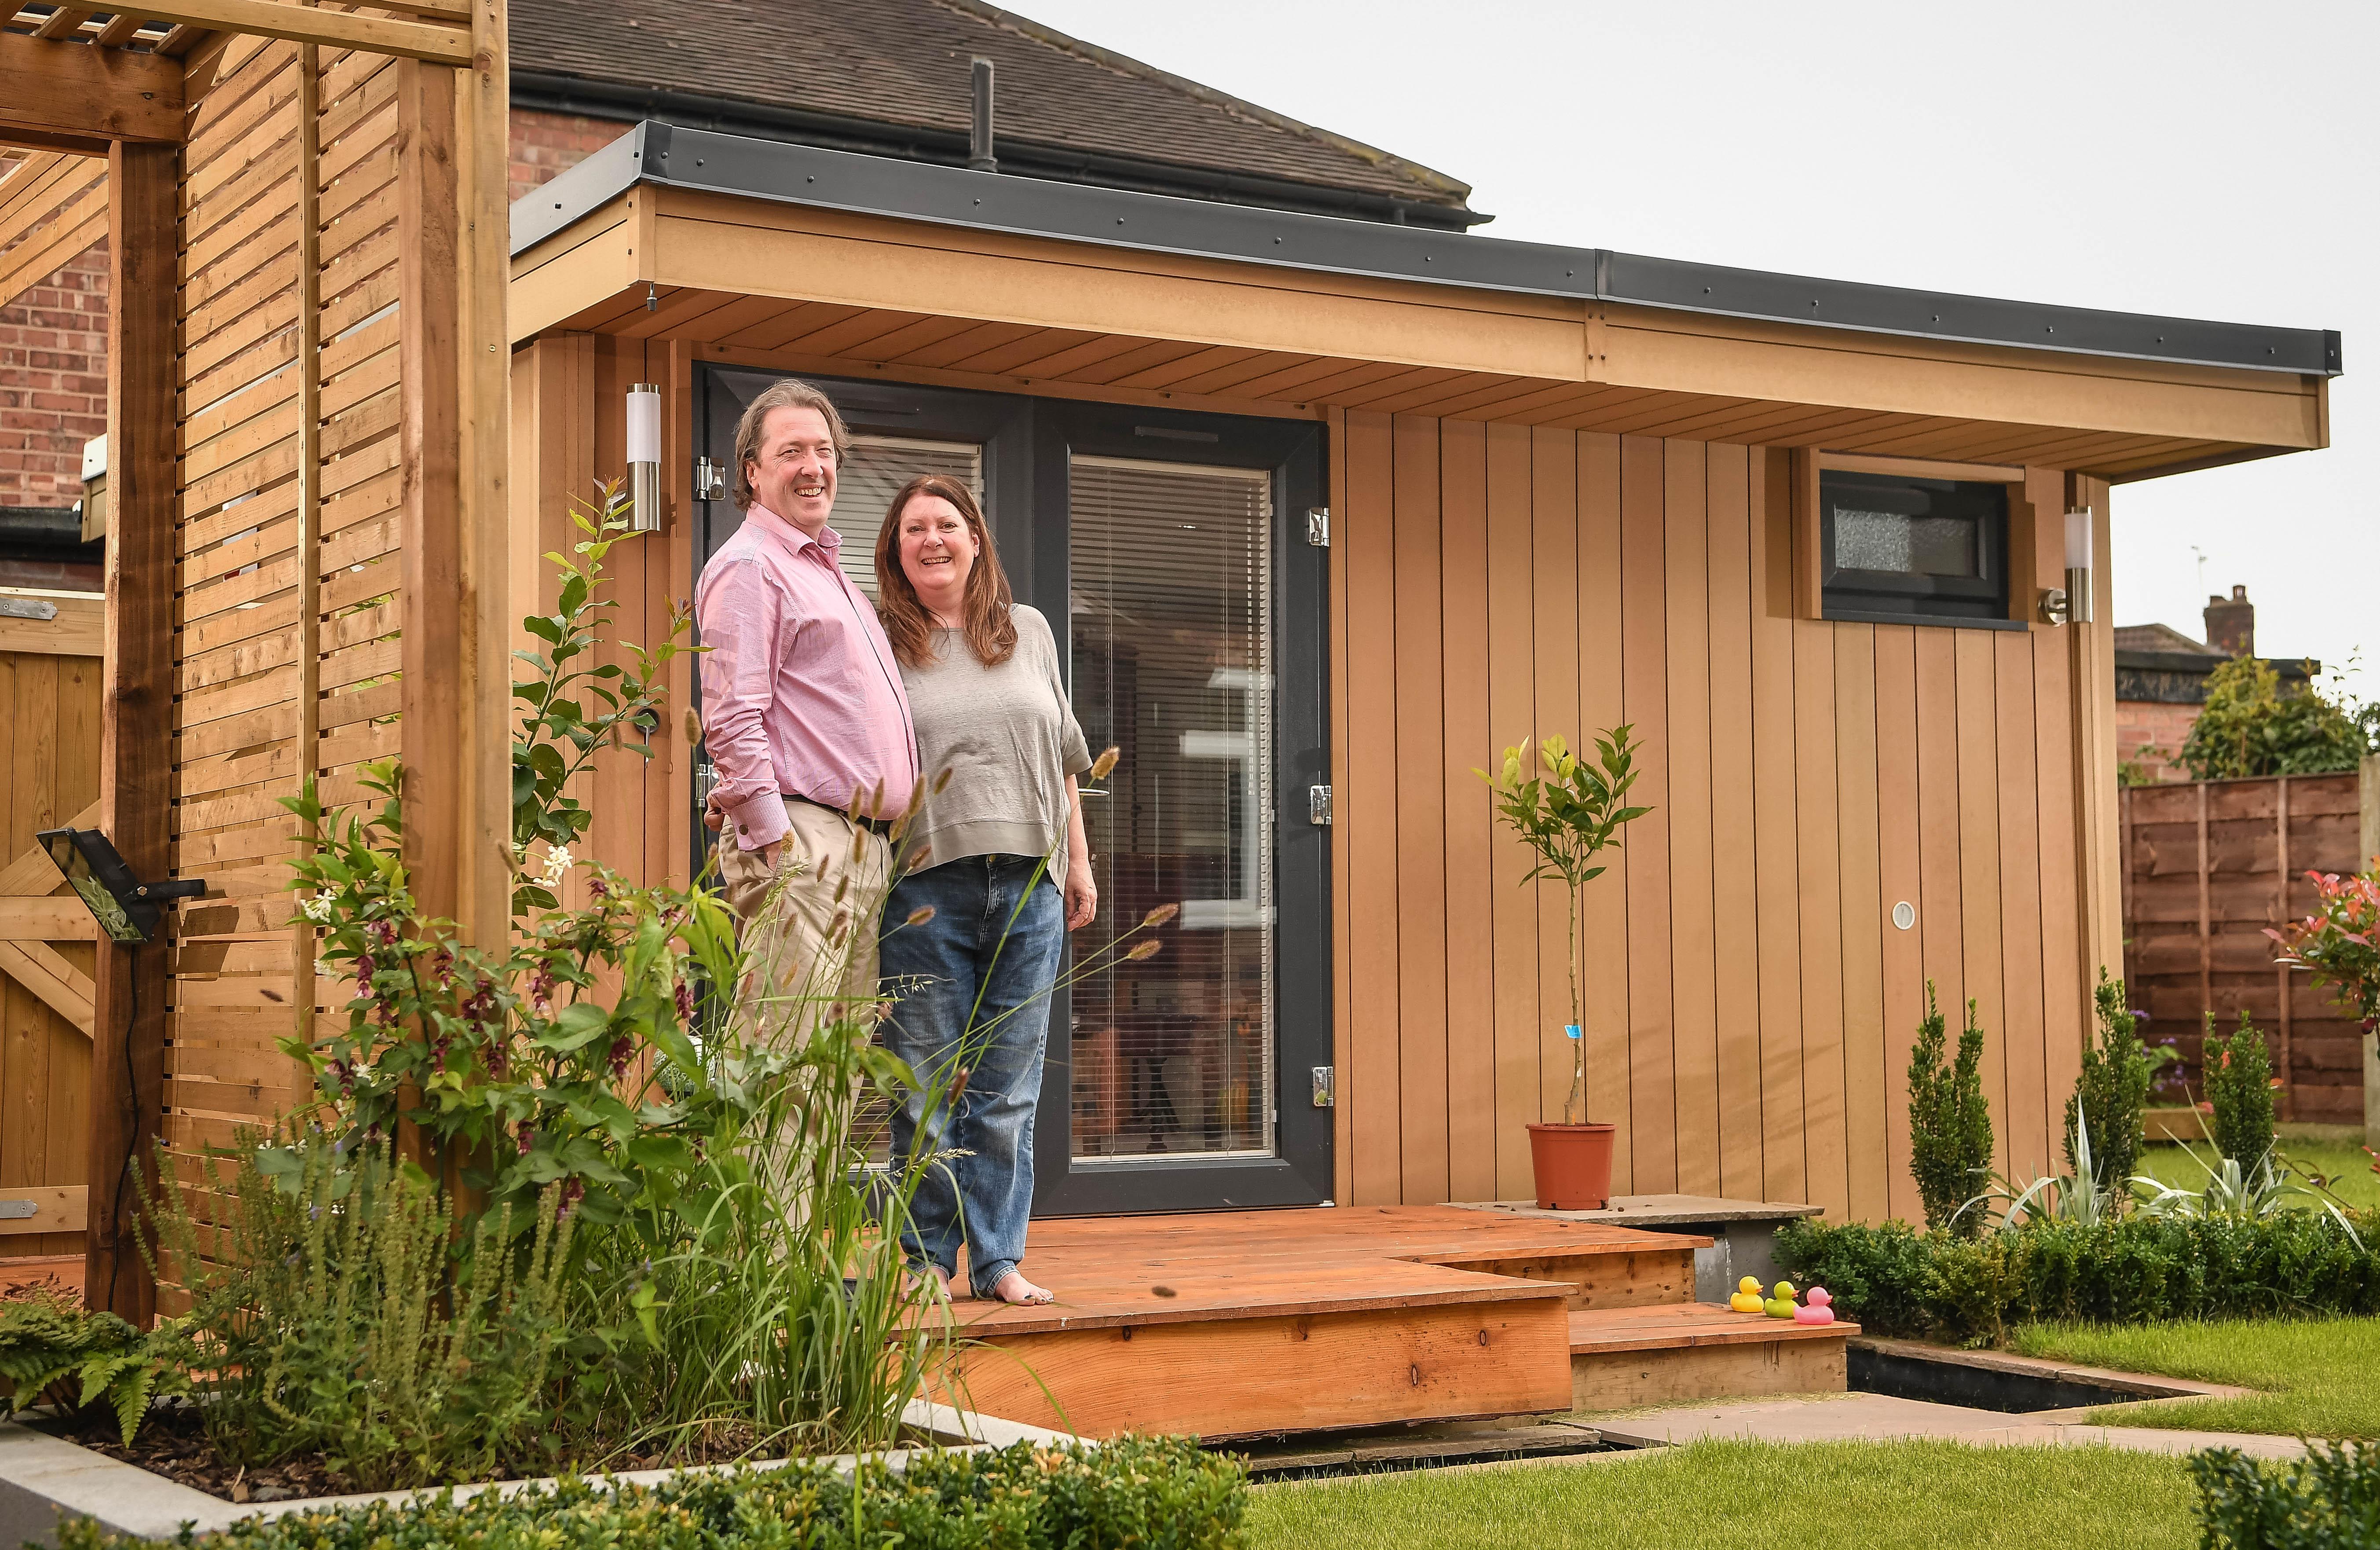 garden office, garden office manchester, garden room, garden room manchester, garden studio, garden home office